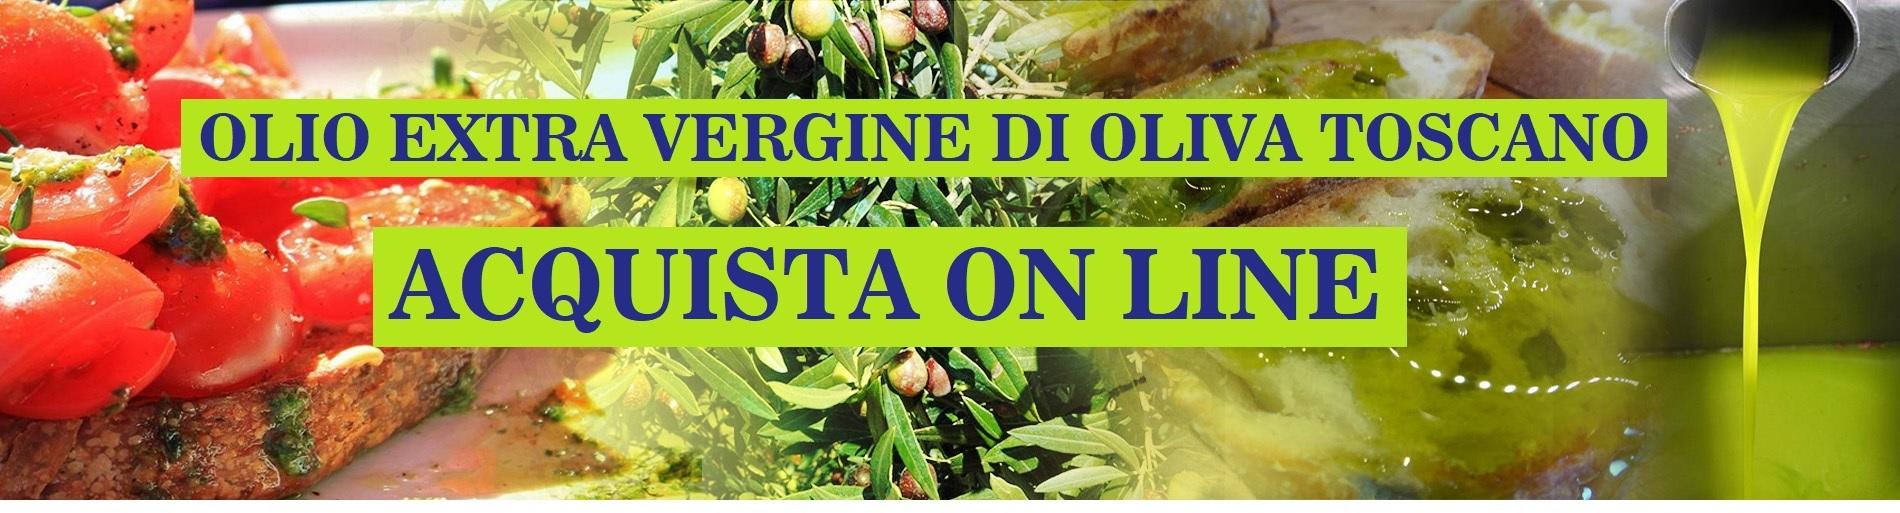 Olio Extra Vergine di Oliva Toscano - Acquista On Line